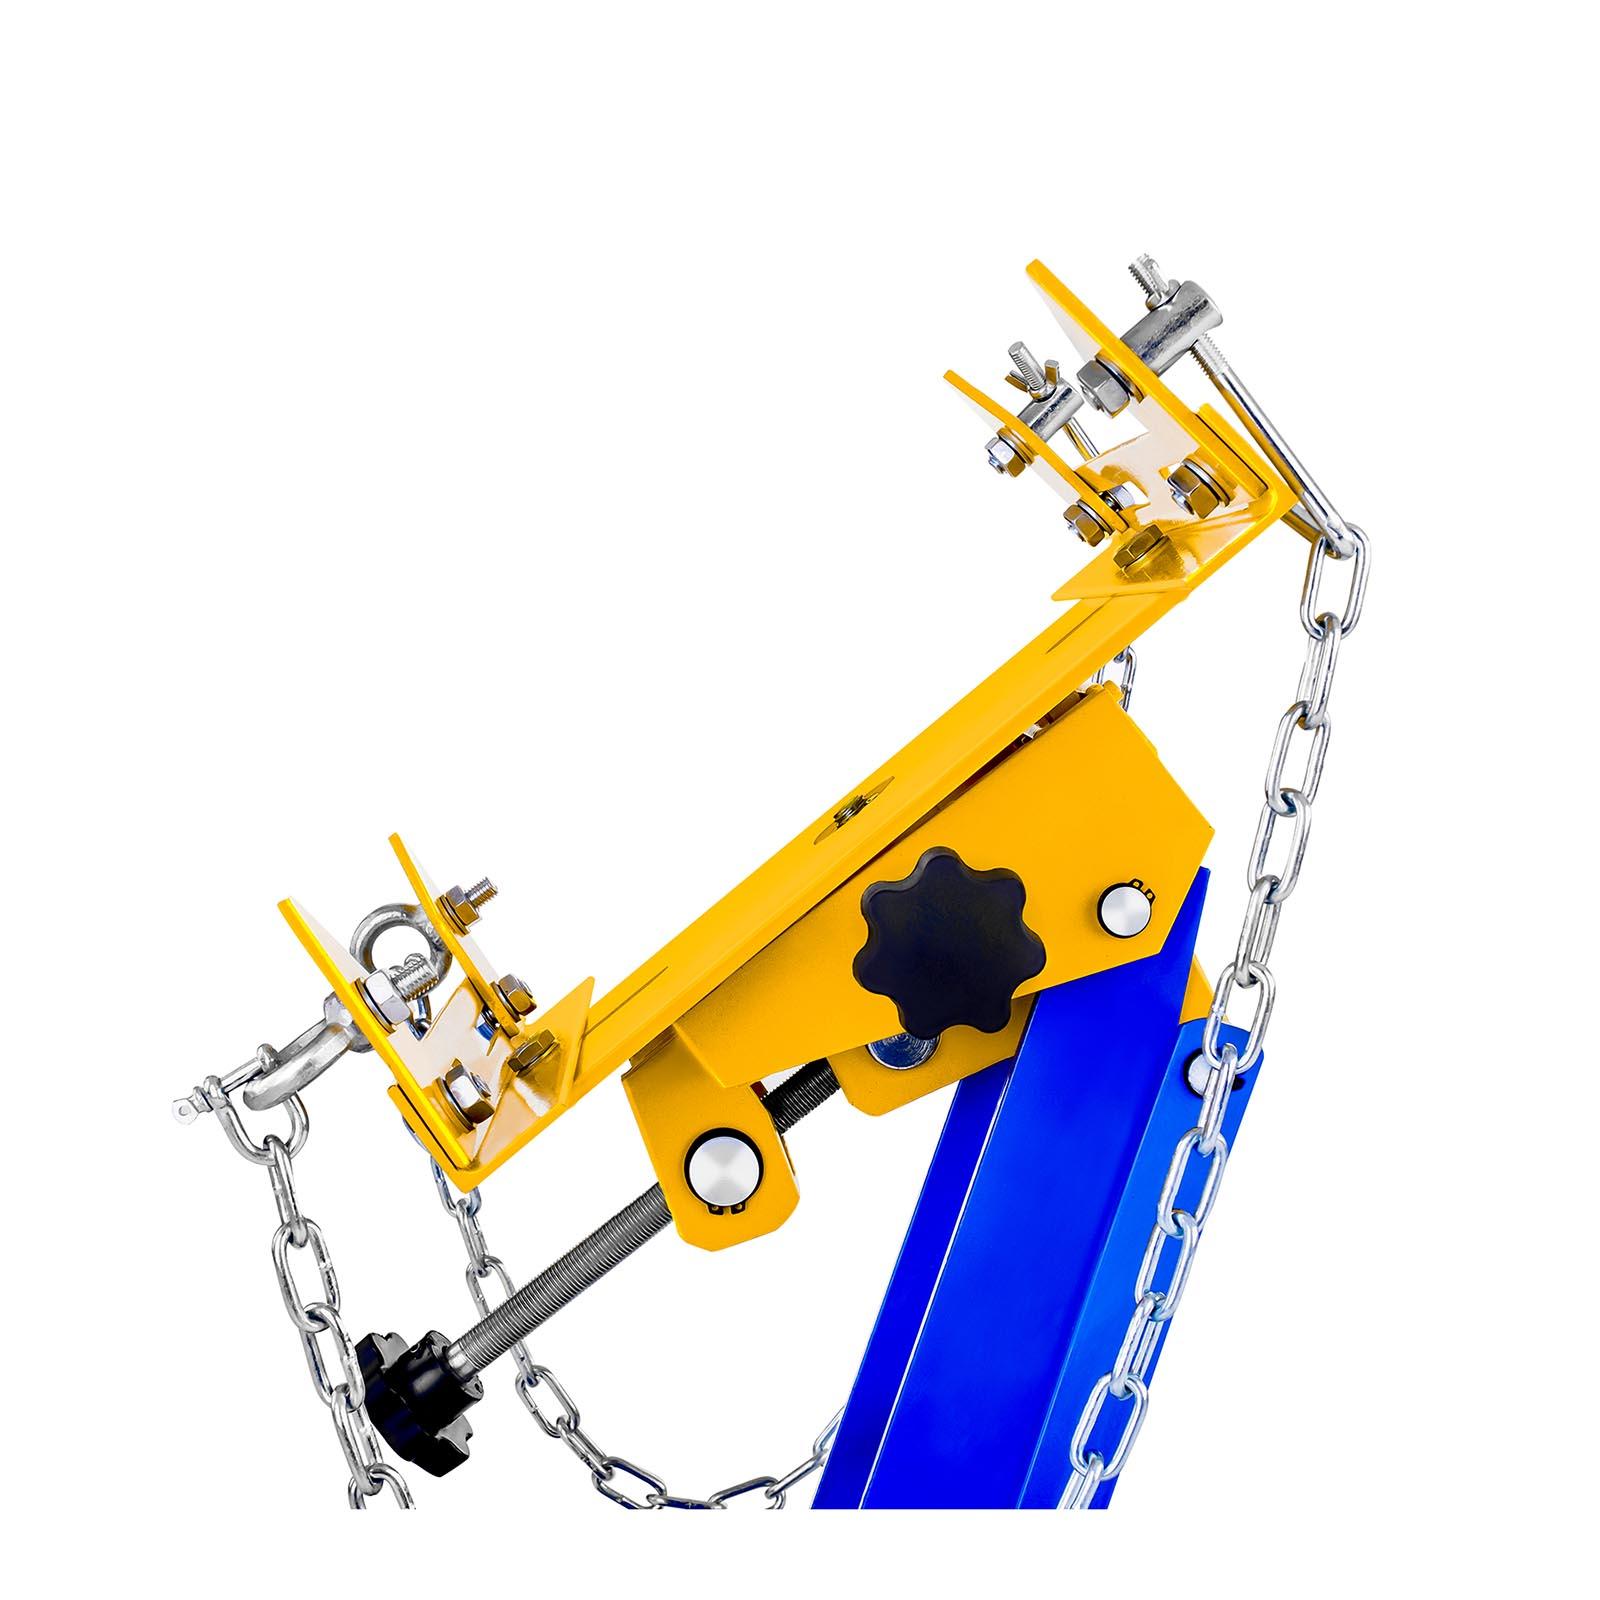 Cric sollevatore idraulico a carrello fino a 500kg for Cric idraulico a carrello professionale prezzi